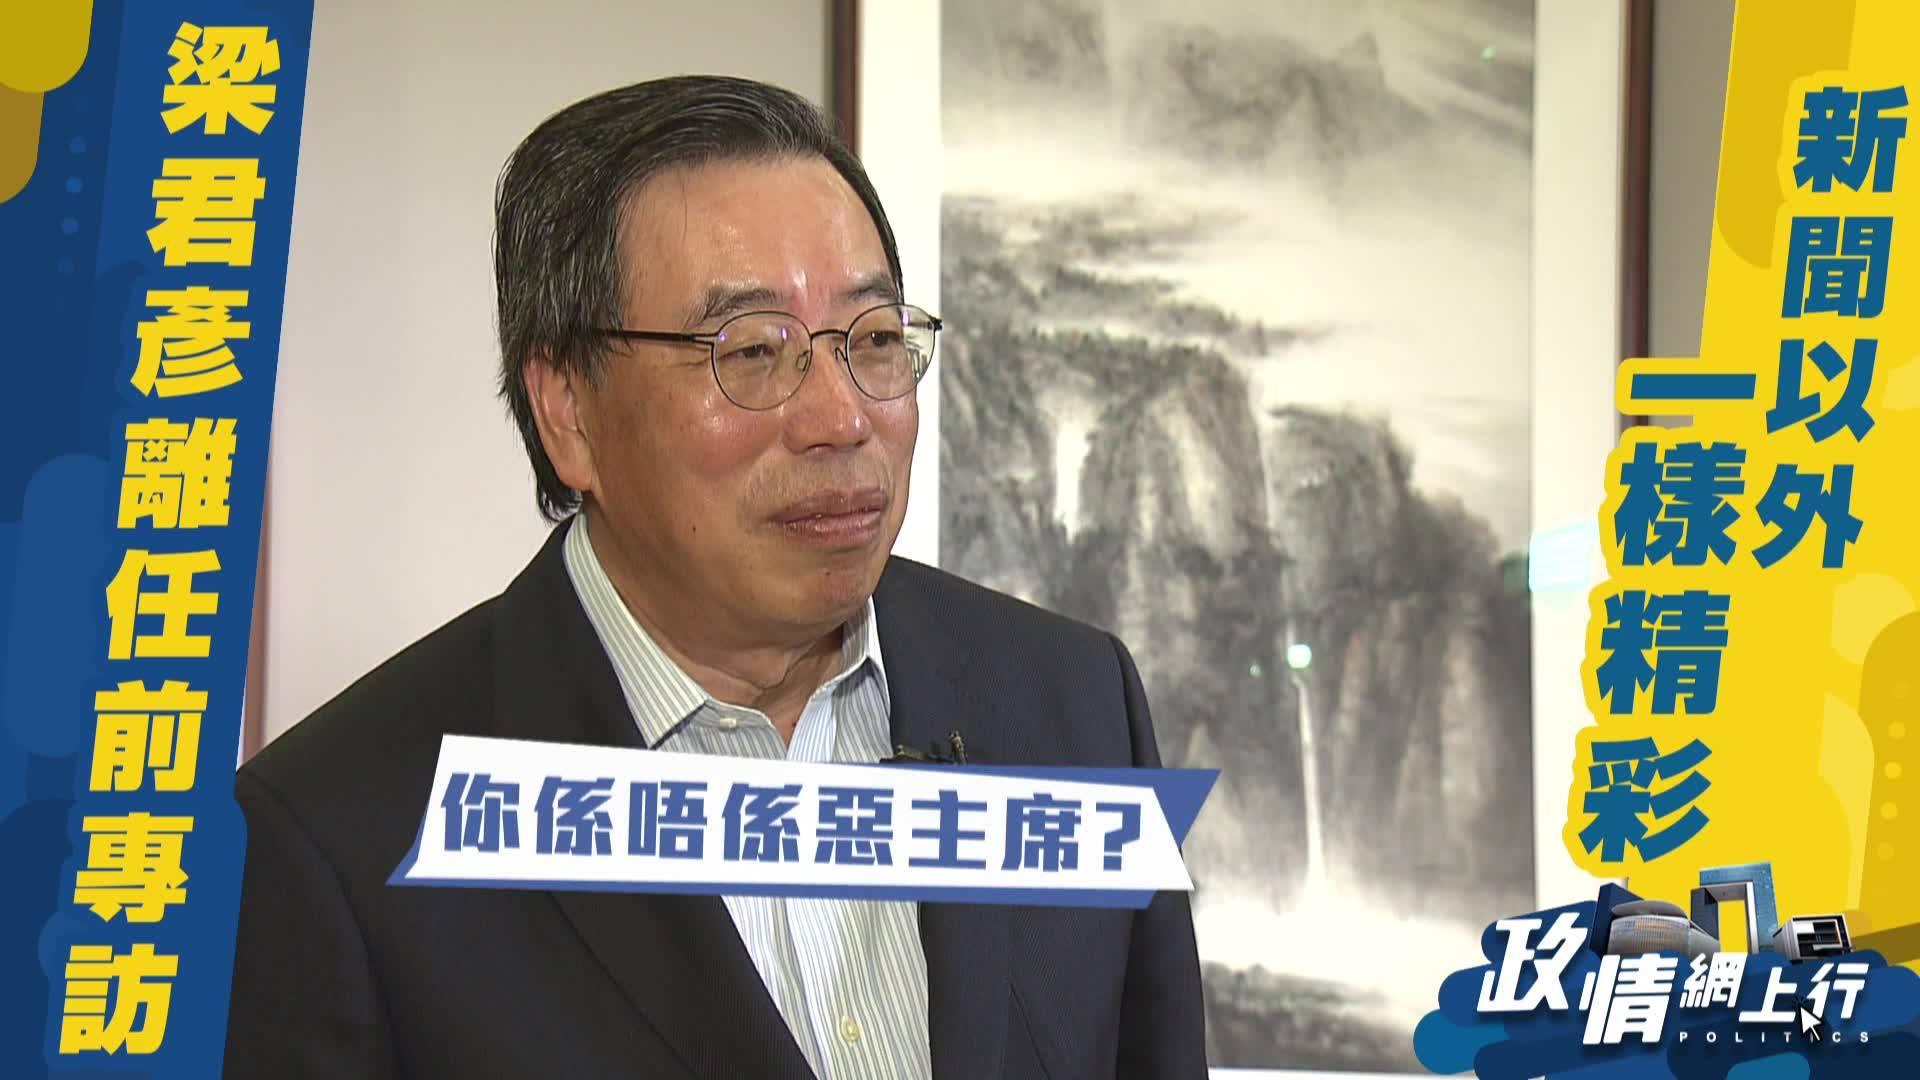 【政情網上行】梁君彥專訪 介唔介意議員叫花名?